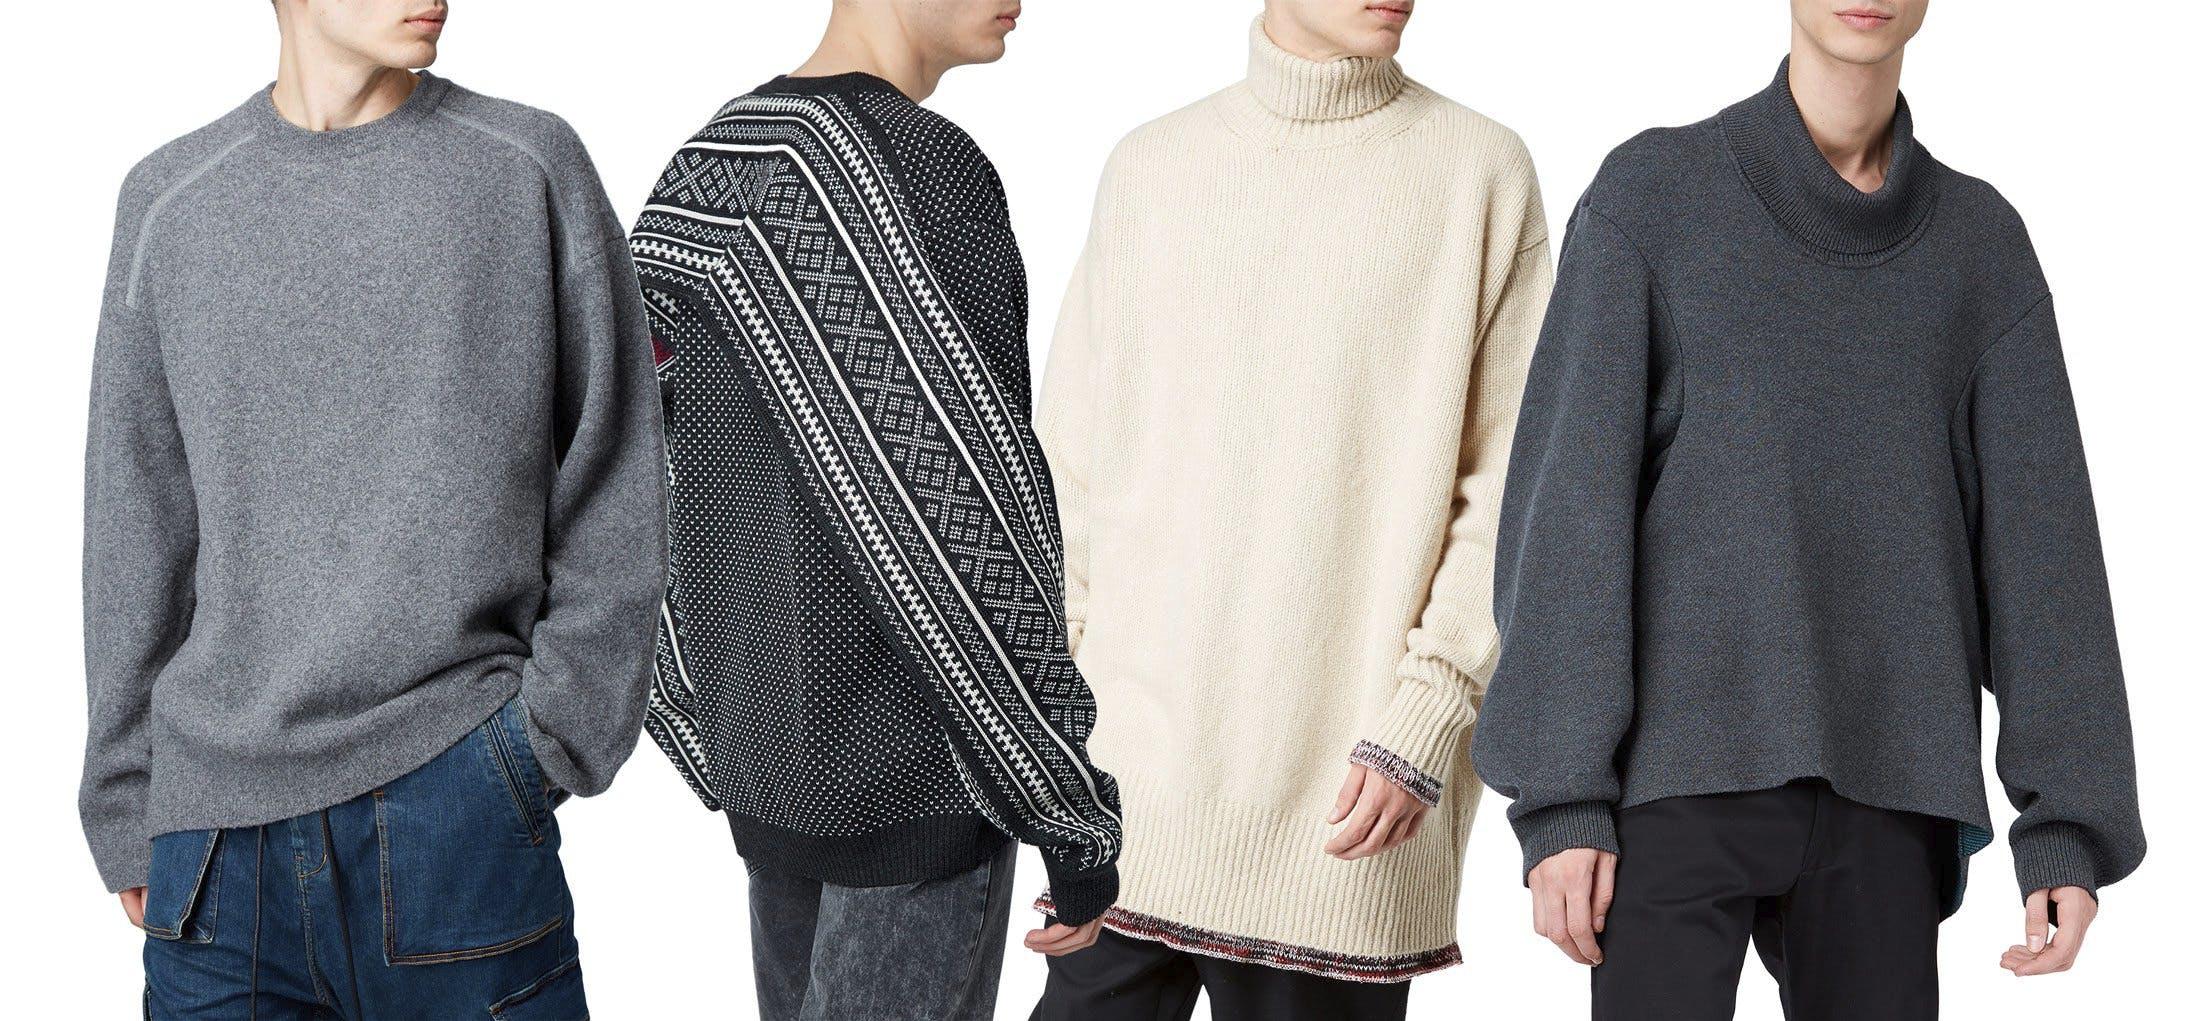 leclaireur-knit-oversize-fw18-men